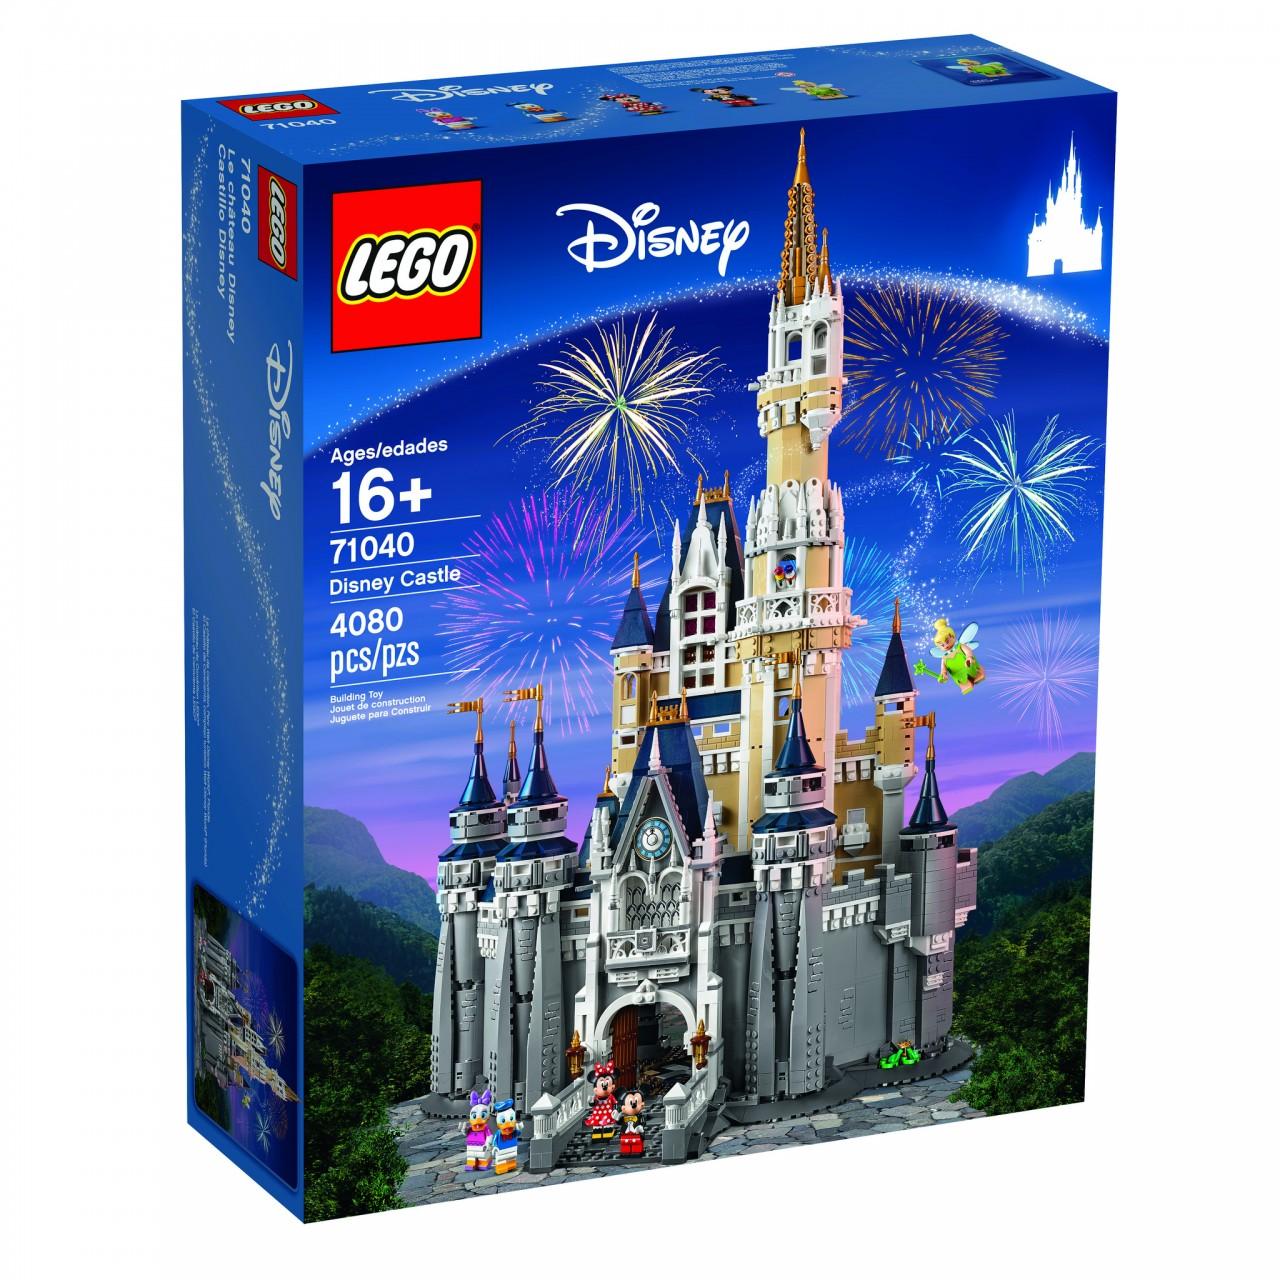 LEGO 71040 The Disney Castle Confezione -  1